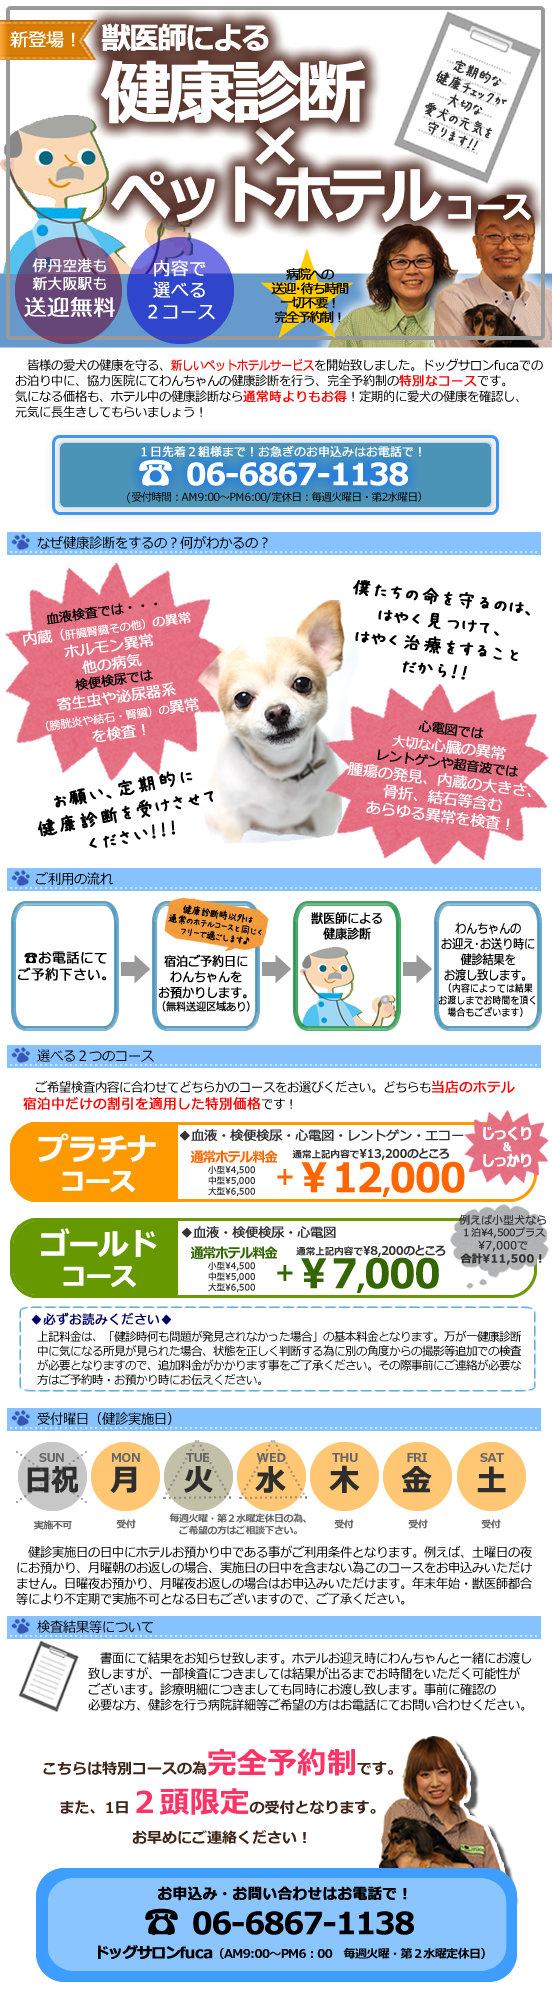 大阪豊中 ドッグサロンfuca 健康診断付きペットホテルコース